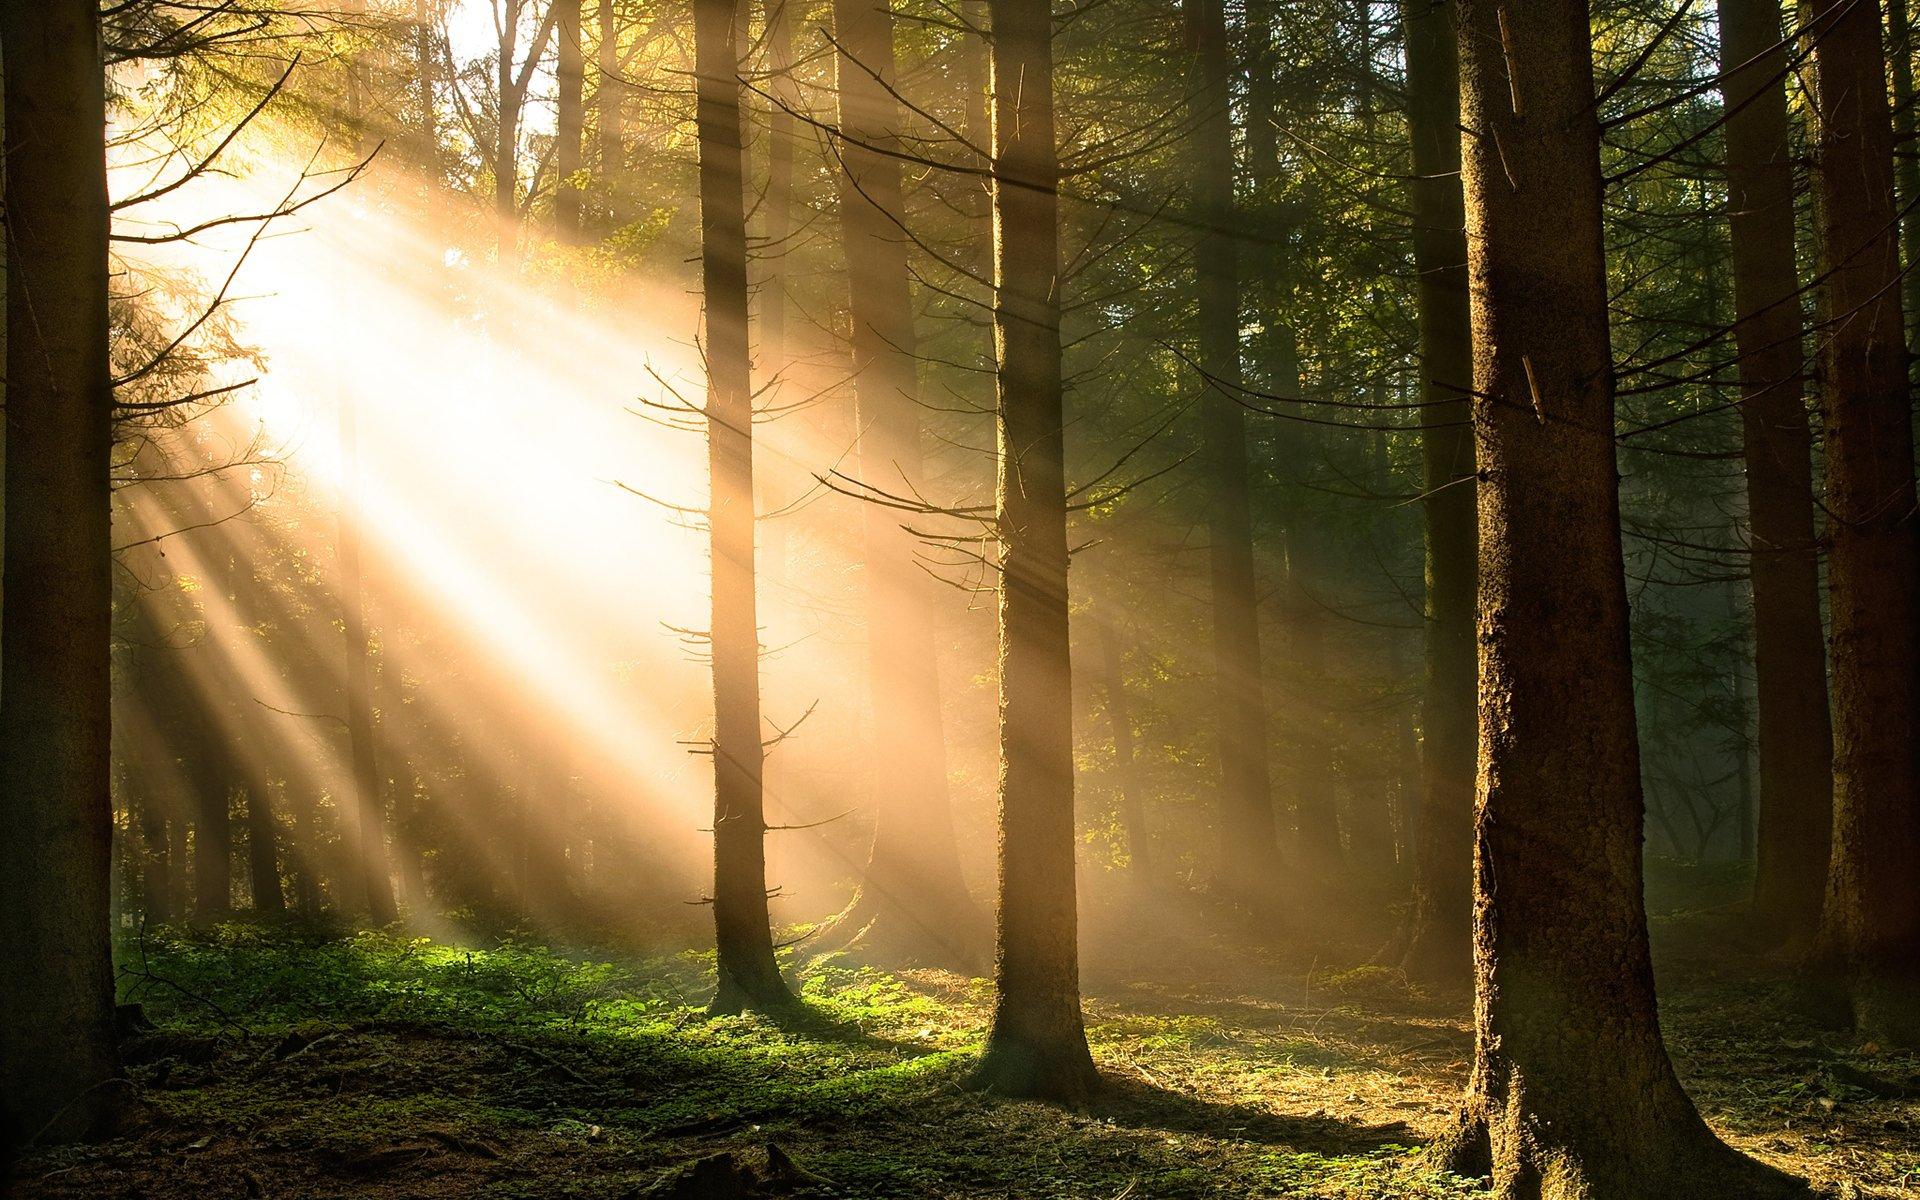 лес деревья солнечные лучи  № 917559 загрузить